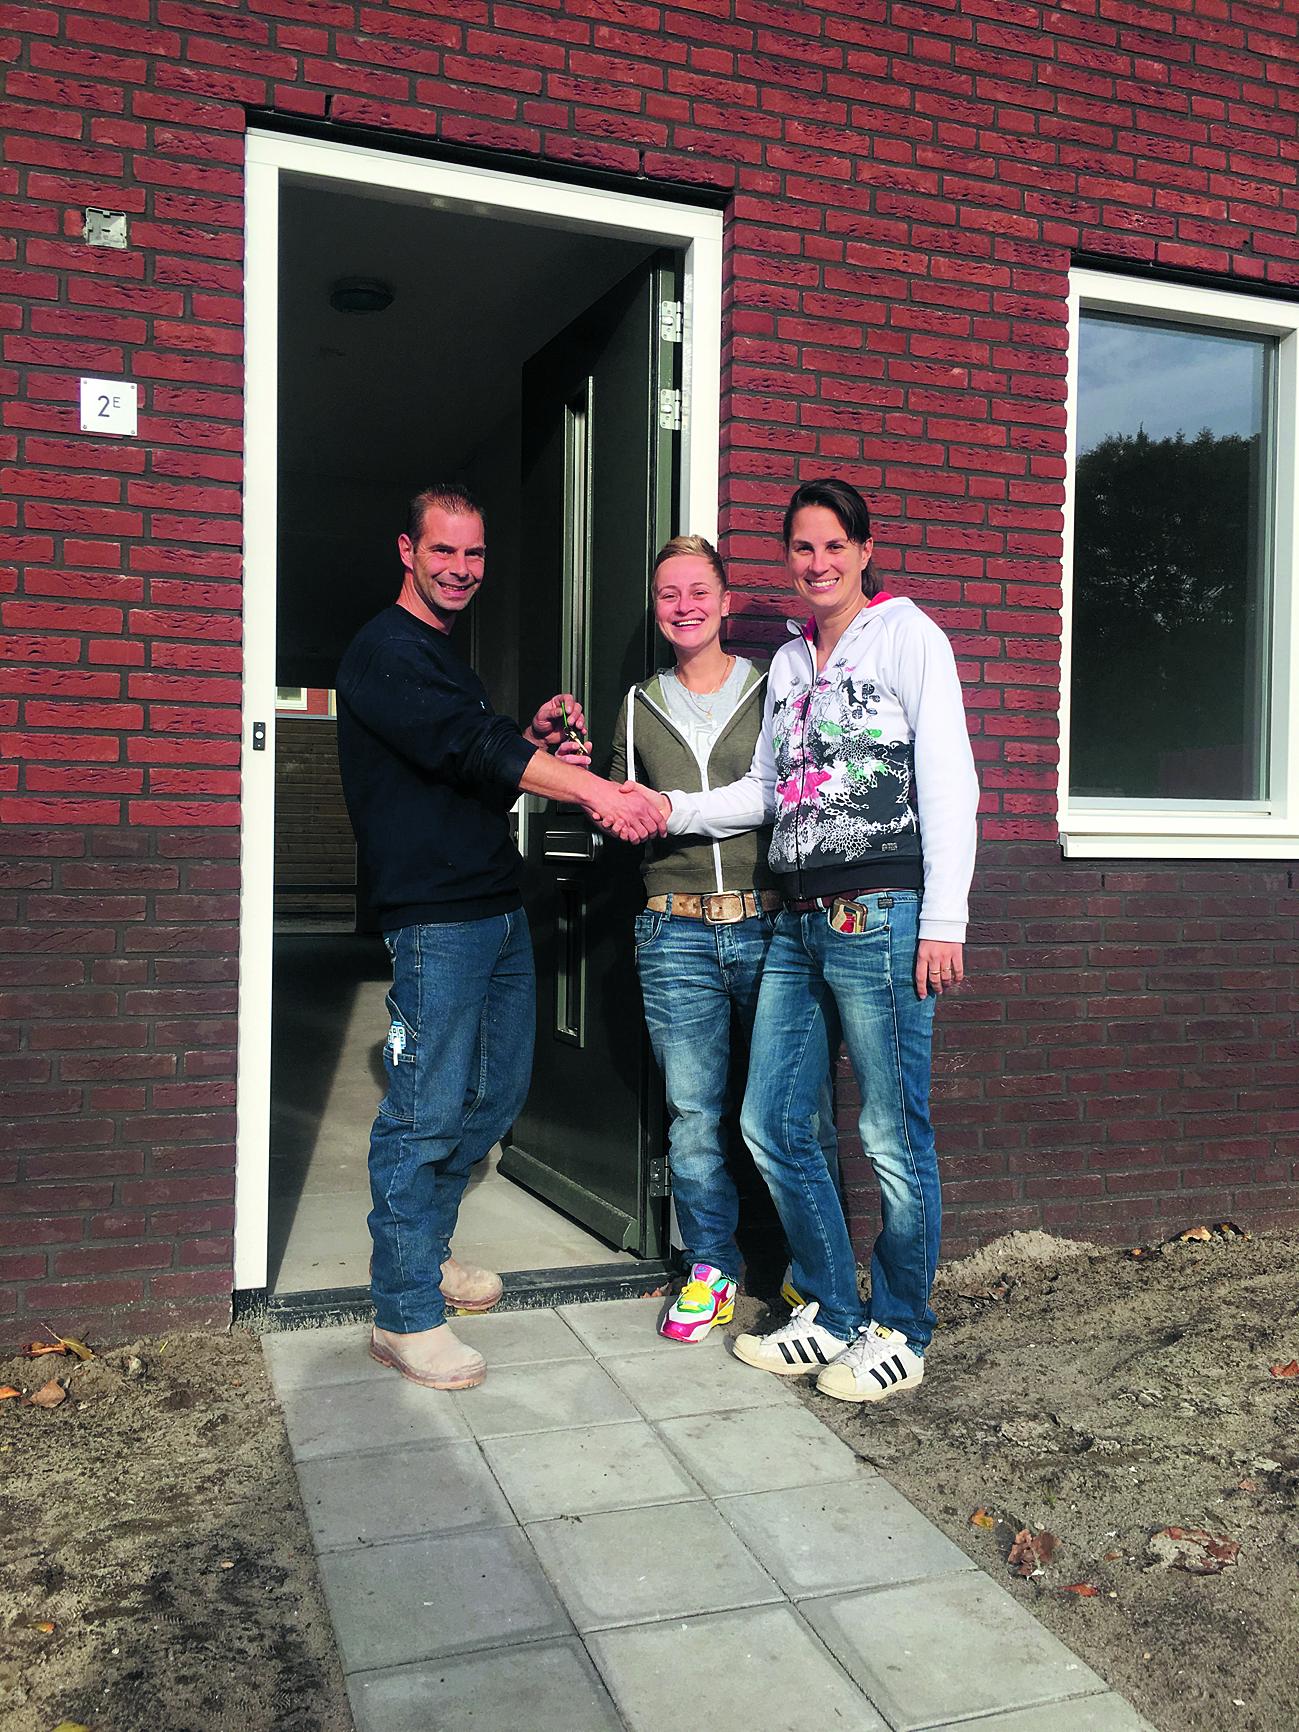 Uit handen van uitvoerder Johan Schelvis ontvingen Iris Zonneveld en Caroline Sinnige vorige week de sleutel van hun nieuwe woning. (FOTO: SMIT'S BOUWBEDRIJF)